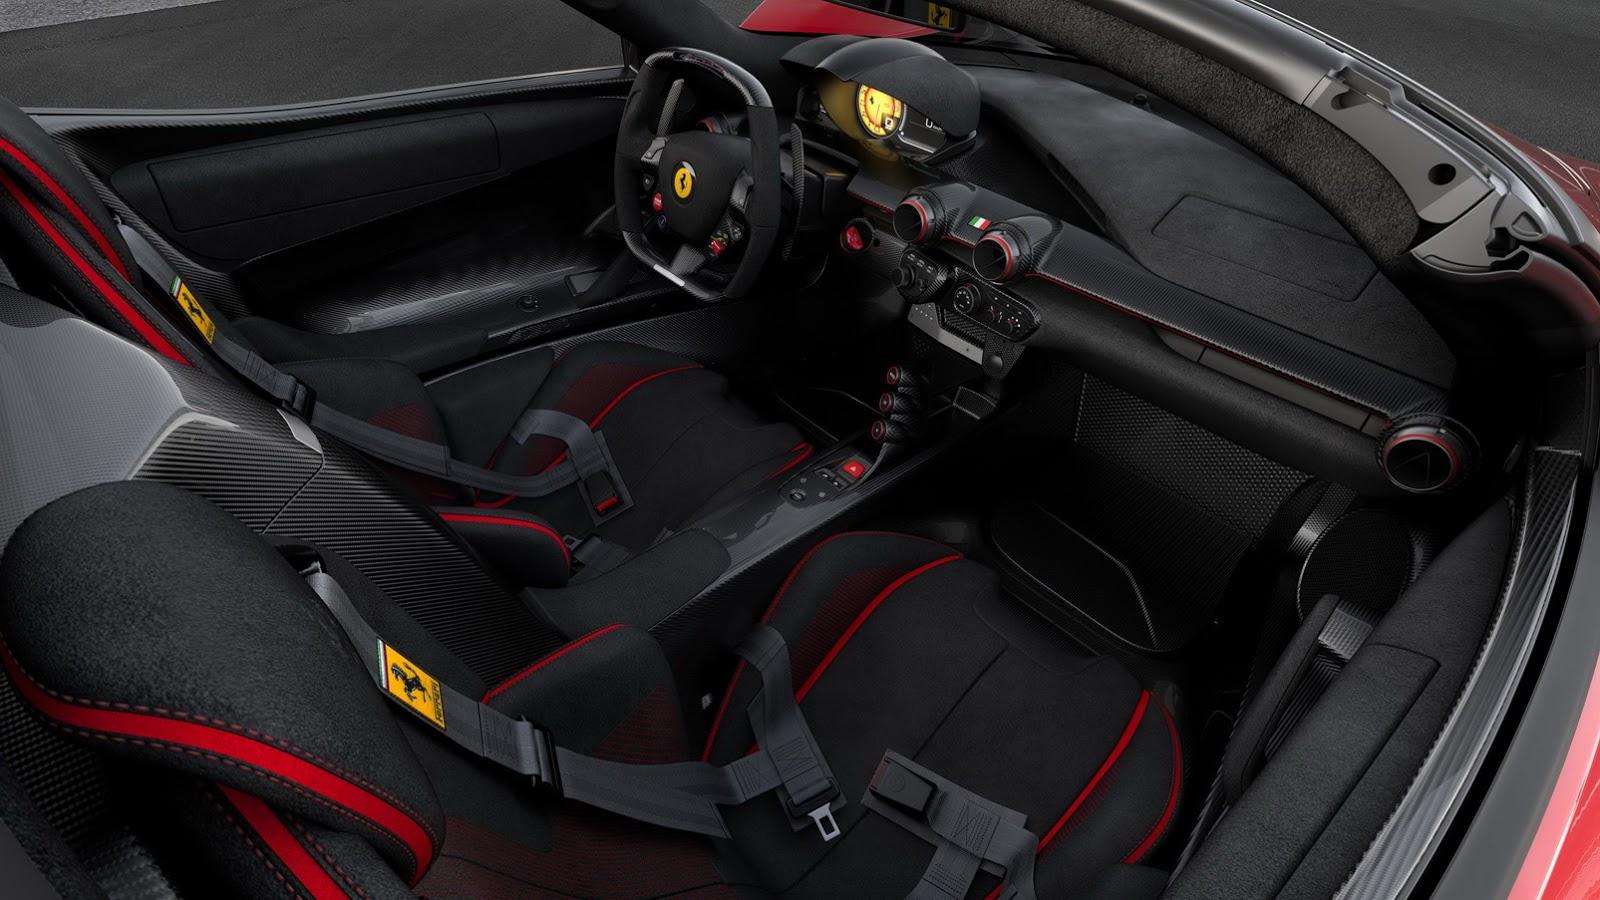 Download 500+ Wallpaper Hitam Ferrari HD Terbaik